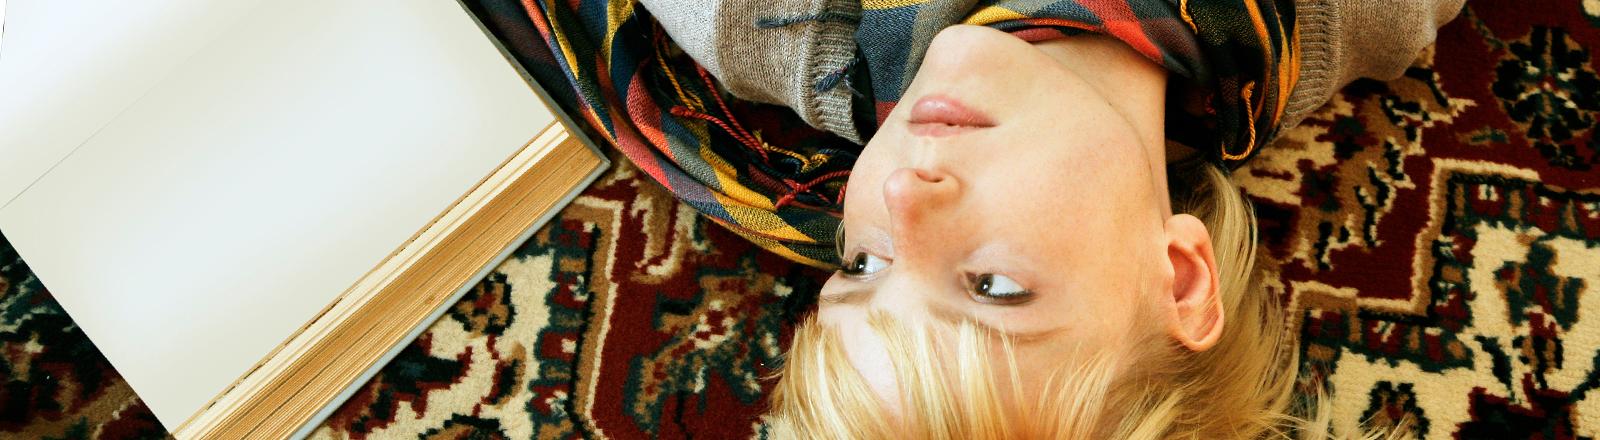 Eine junge Frau liegt auf dem Teppich, neben ihr ein leeres Buch.